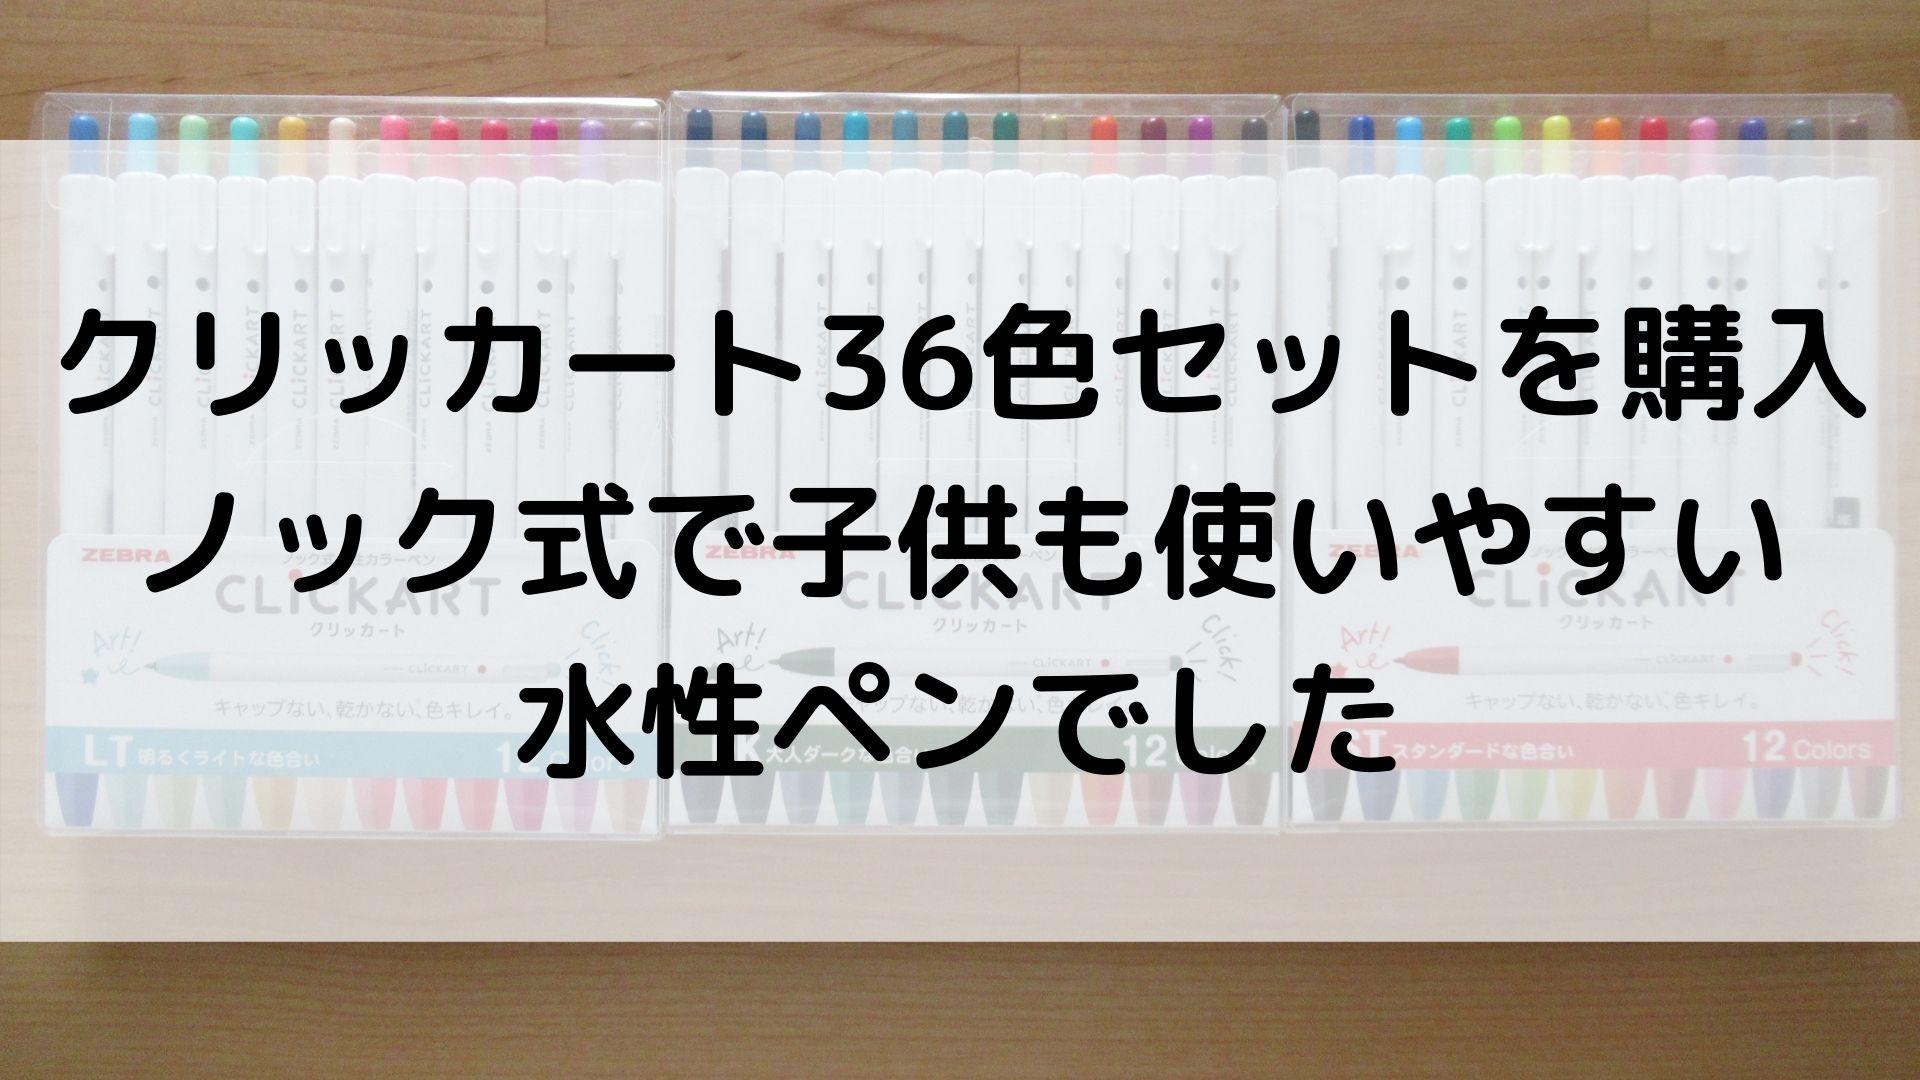 クリッカート36色セット 口コミ